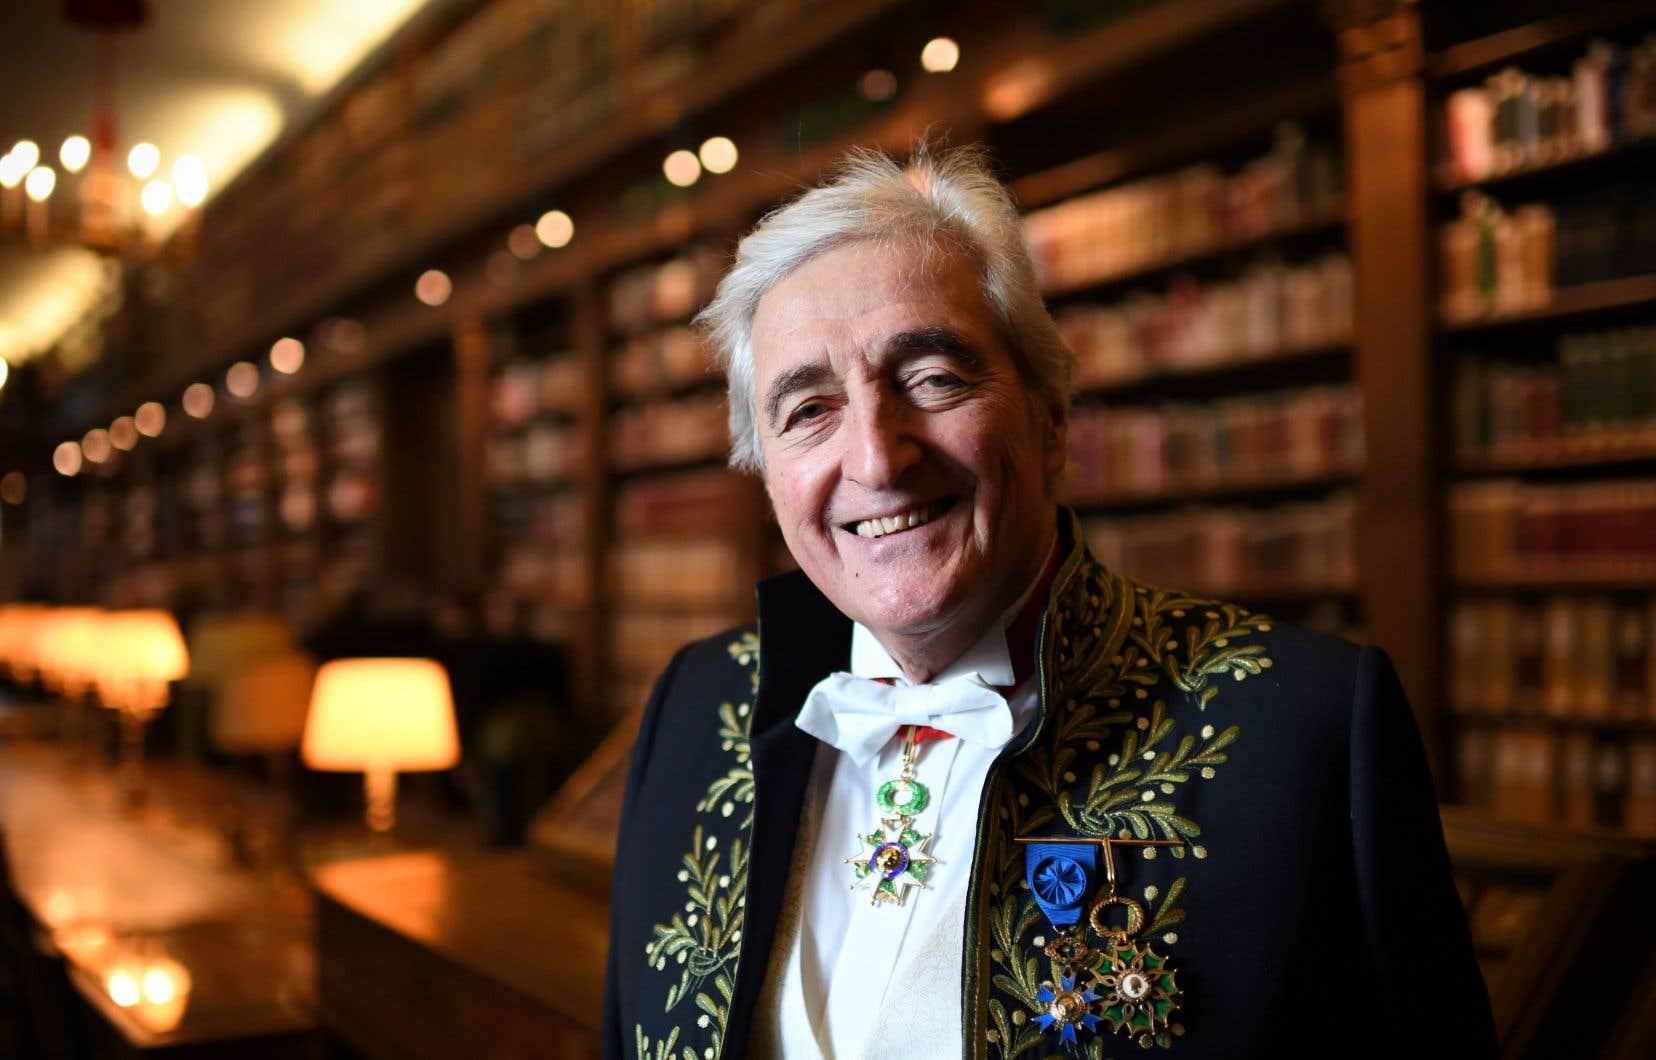 Jean-Loup Dabadie a été élu en 2008 et reçu l'année suivante à l'Académie française.